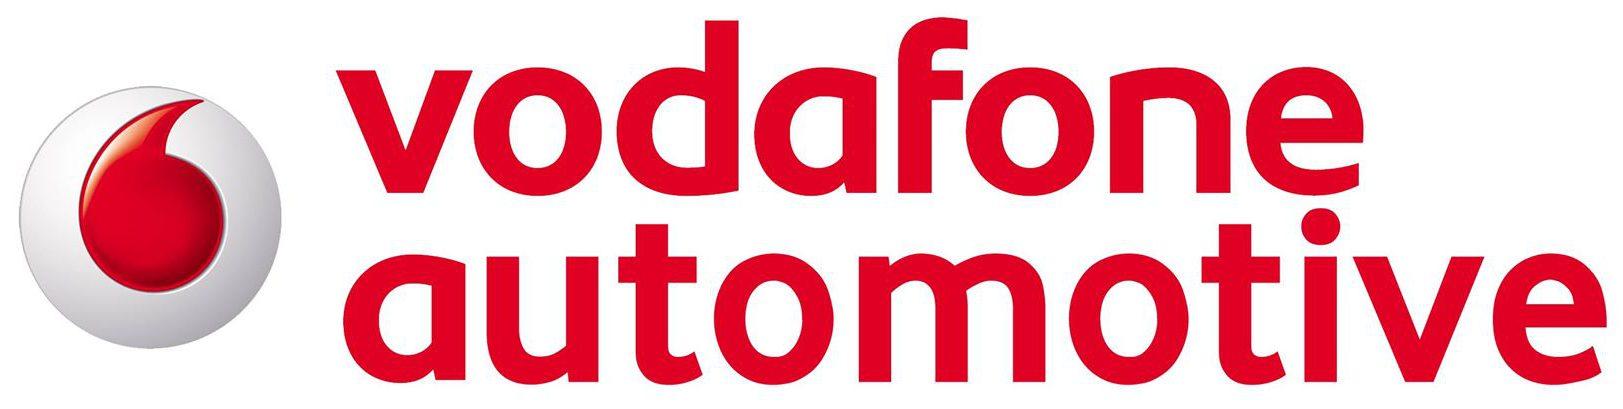 Distribuidor Vodafone Automotive y alarmas Cobra en Canarias